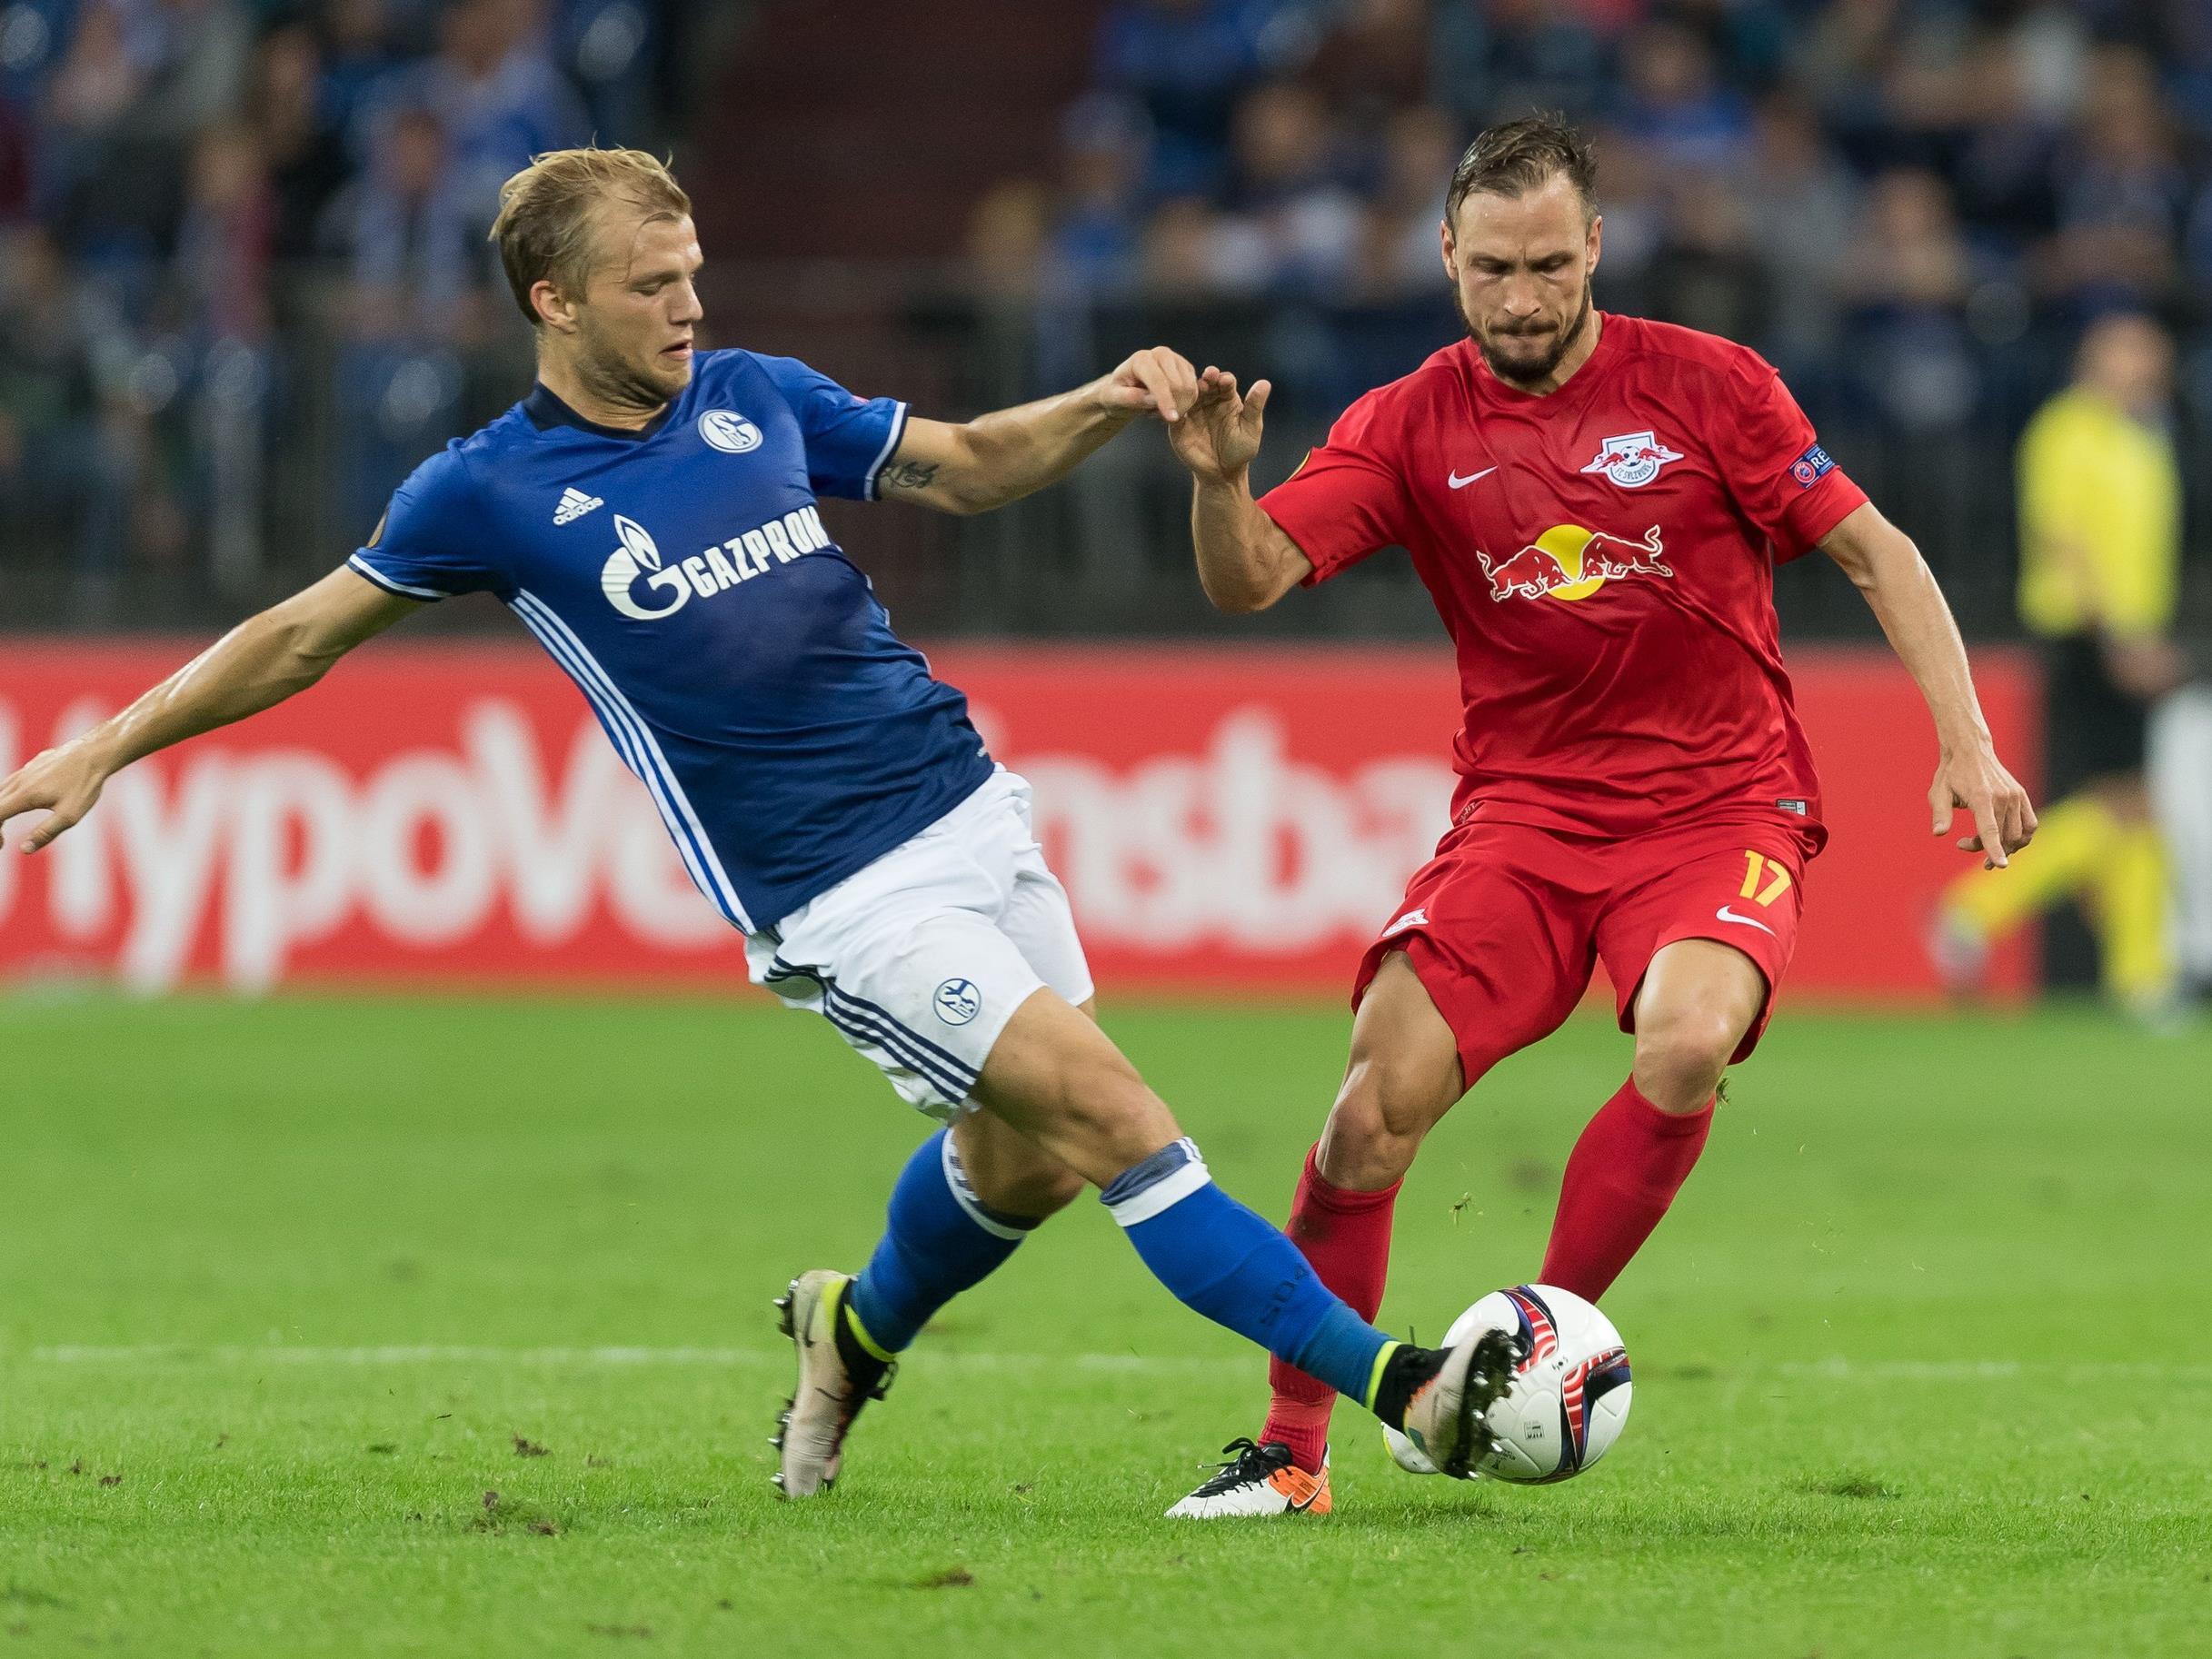 Salzburg spielt zum EL-Abschluss gegen Schalke.